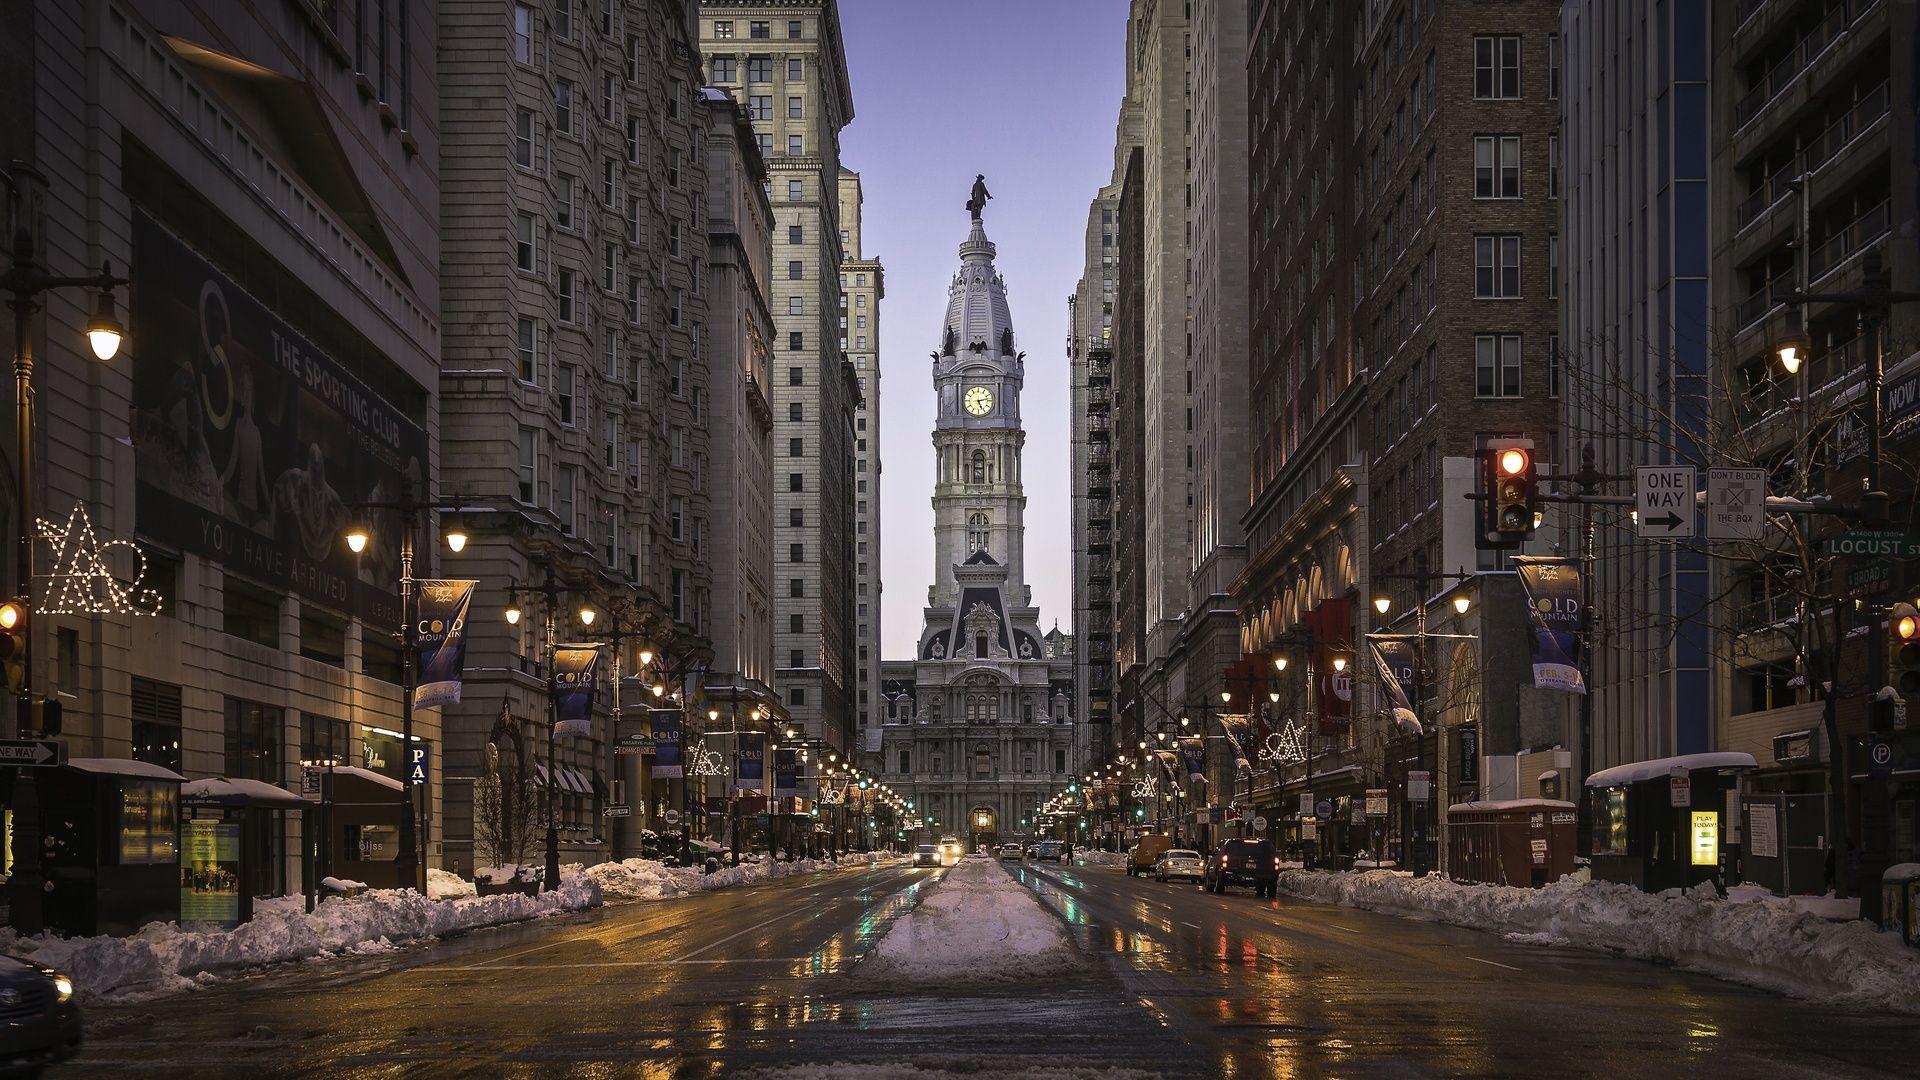 Philadelphia wallpaper